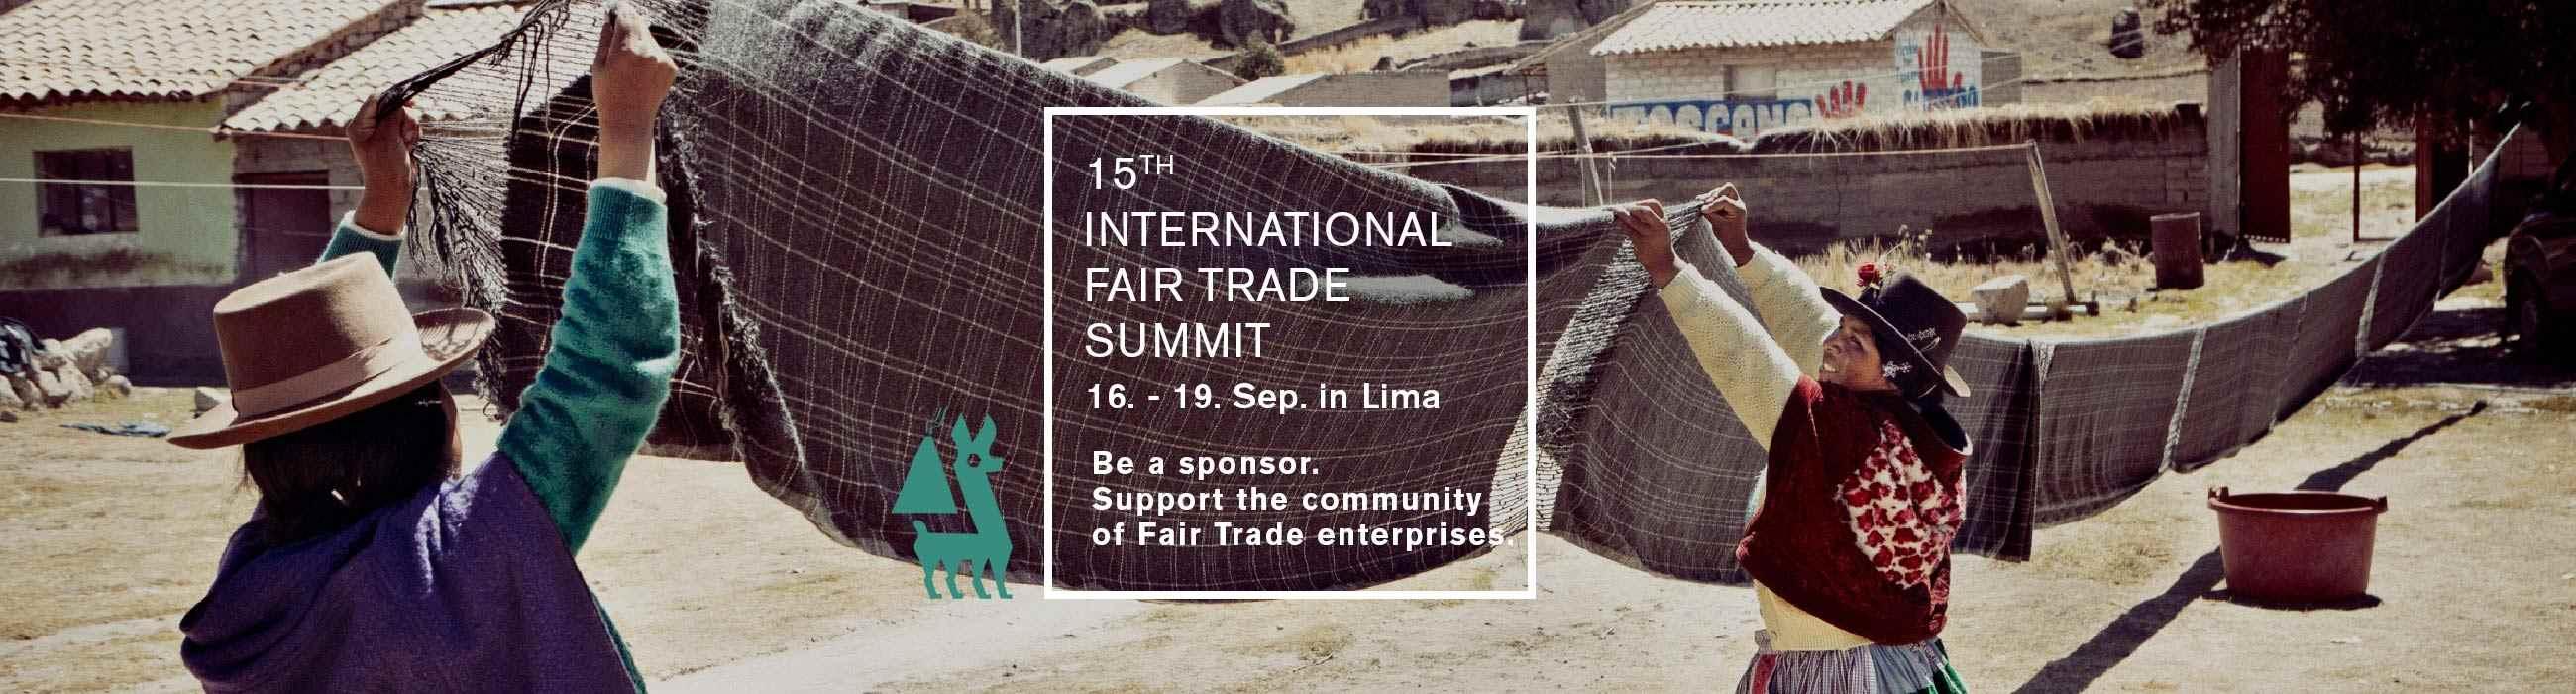 World Fair Trade Organization | Home of Fair Trade Enterprises